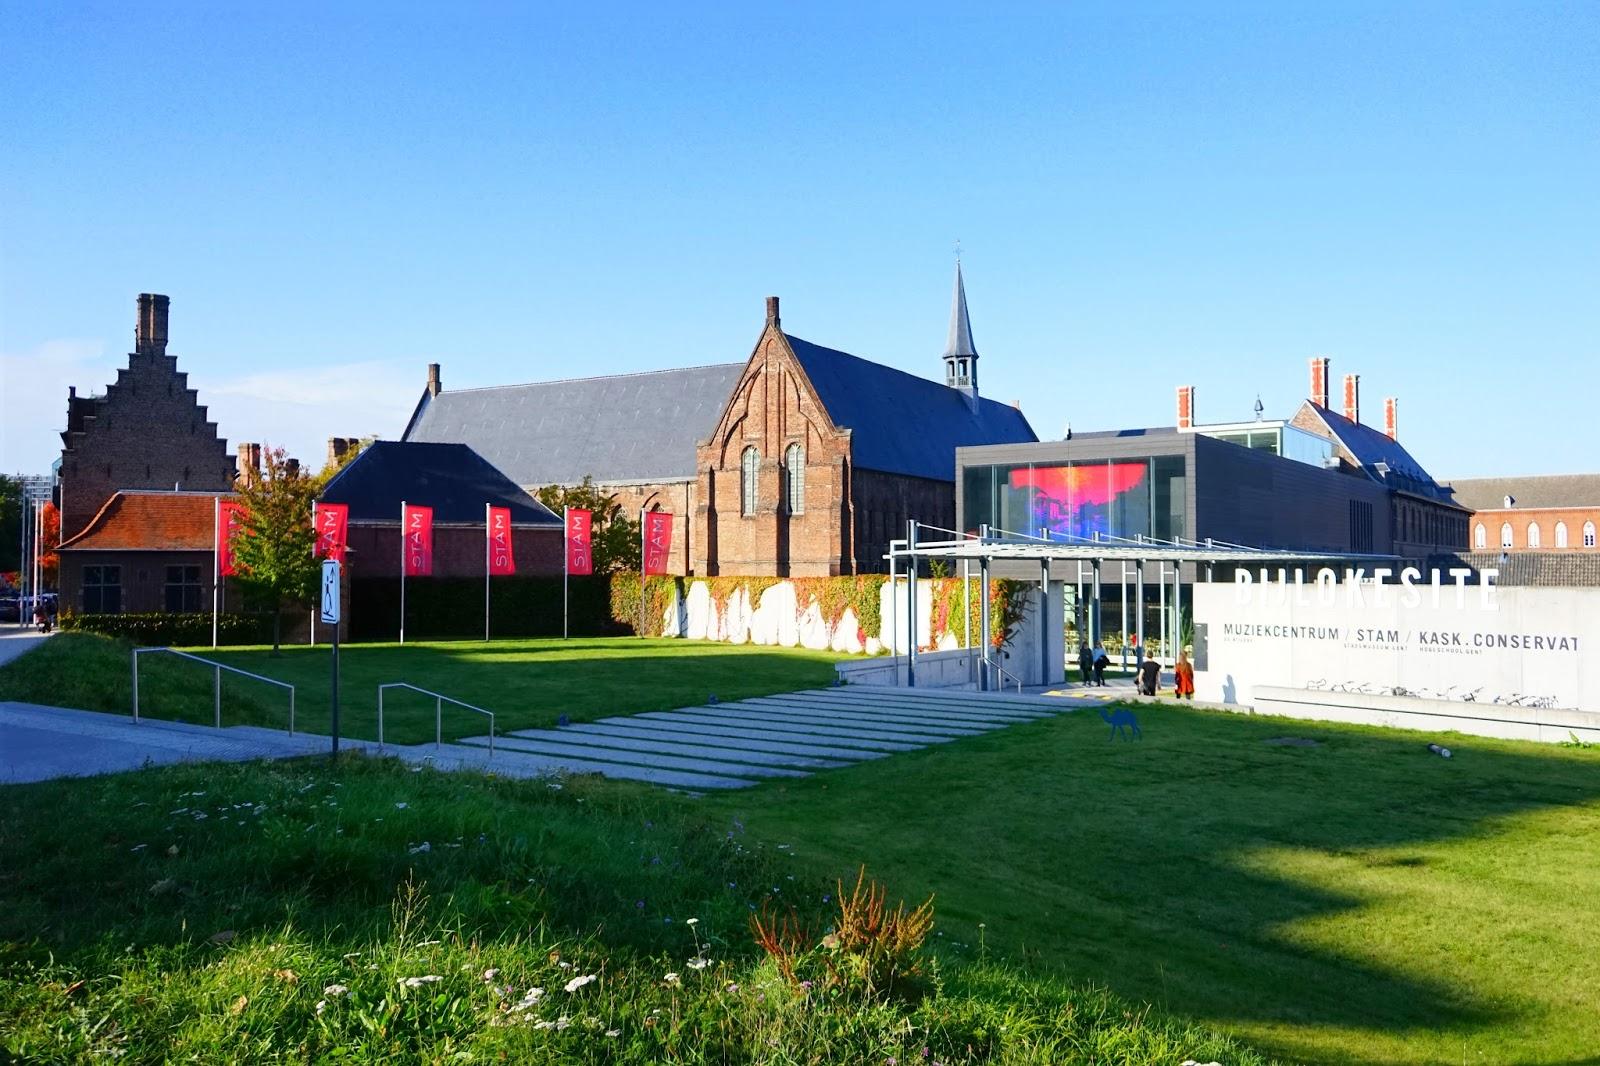 Le Chameau Bleu - Blog Voyage Gand Belgique - Gand Tourisme - Le Musée STAM à Gand Ghent Gent Belgique